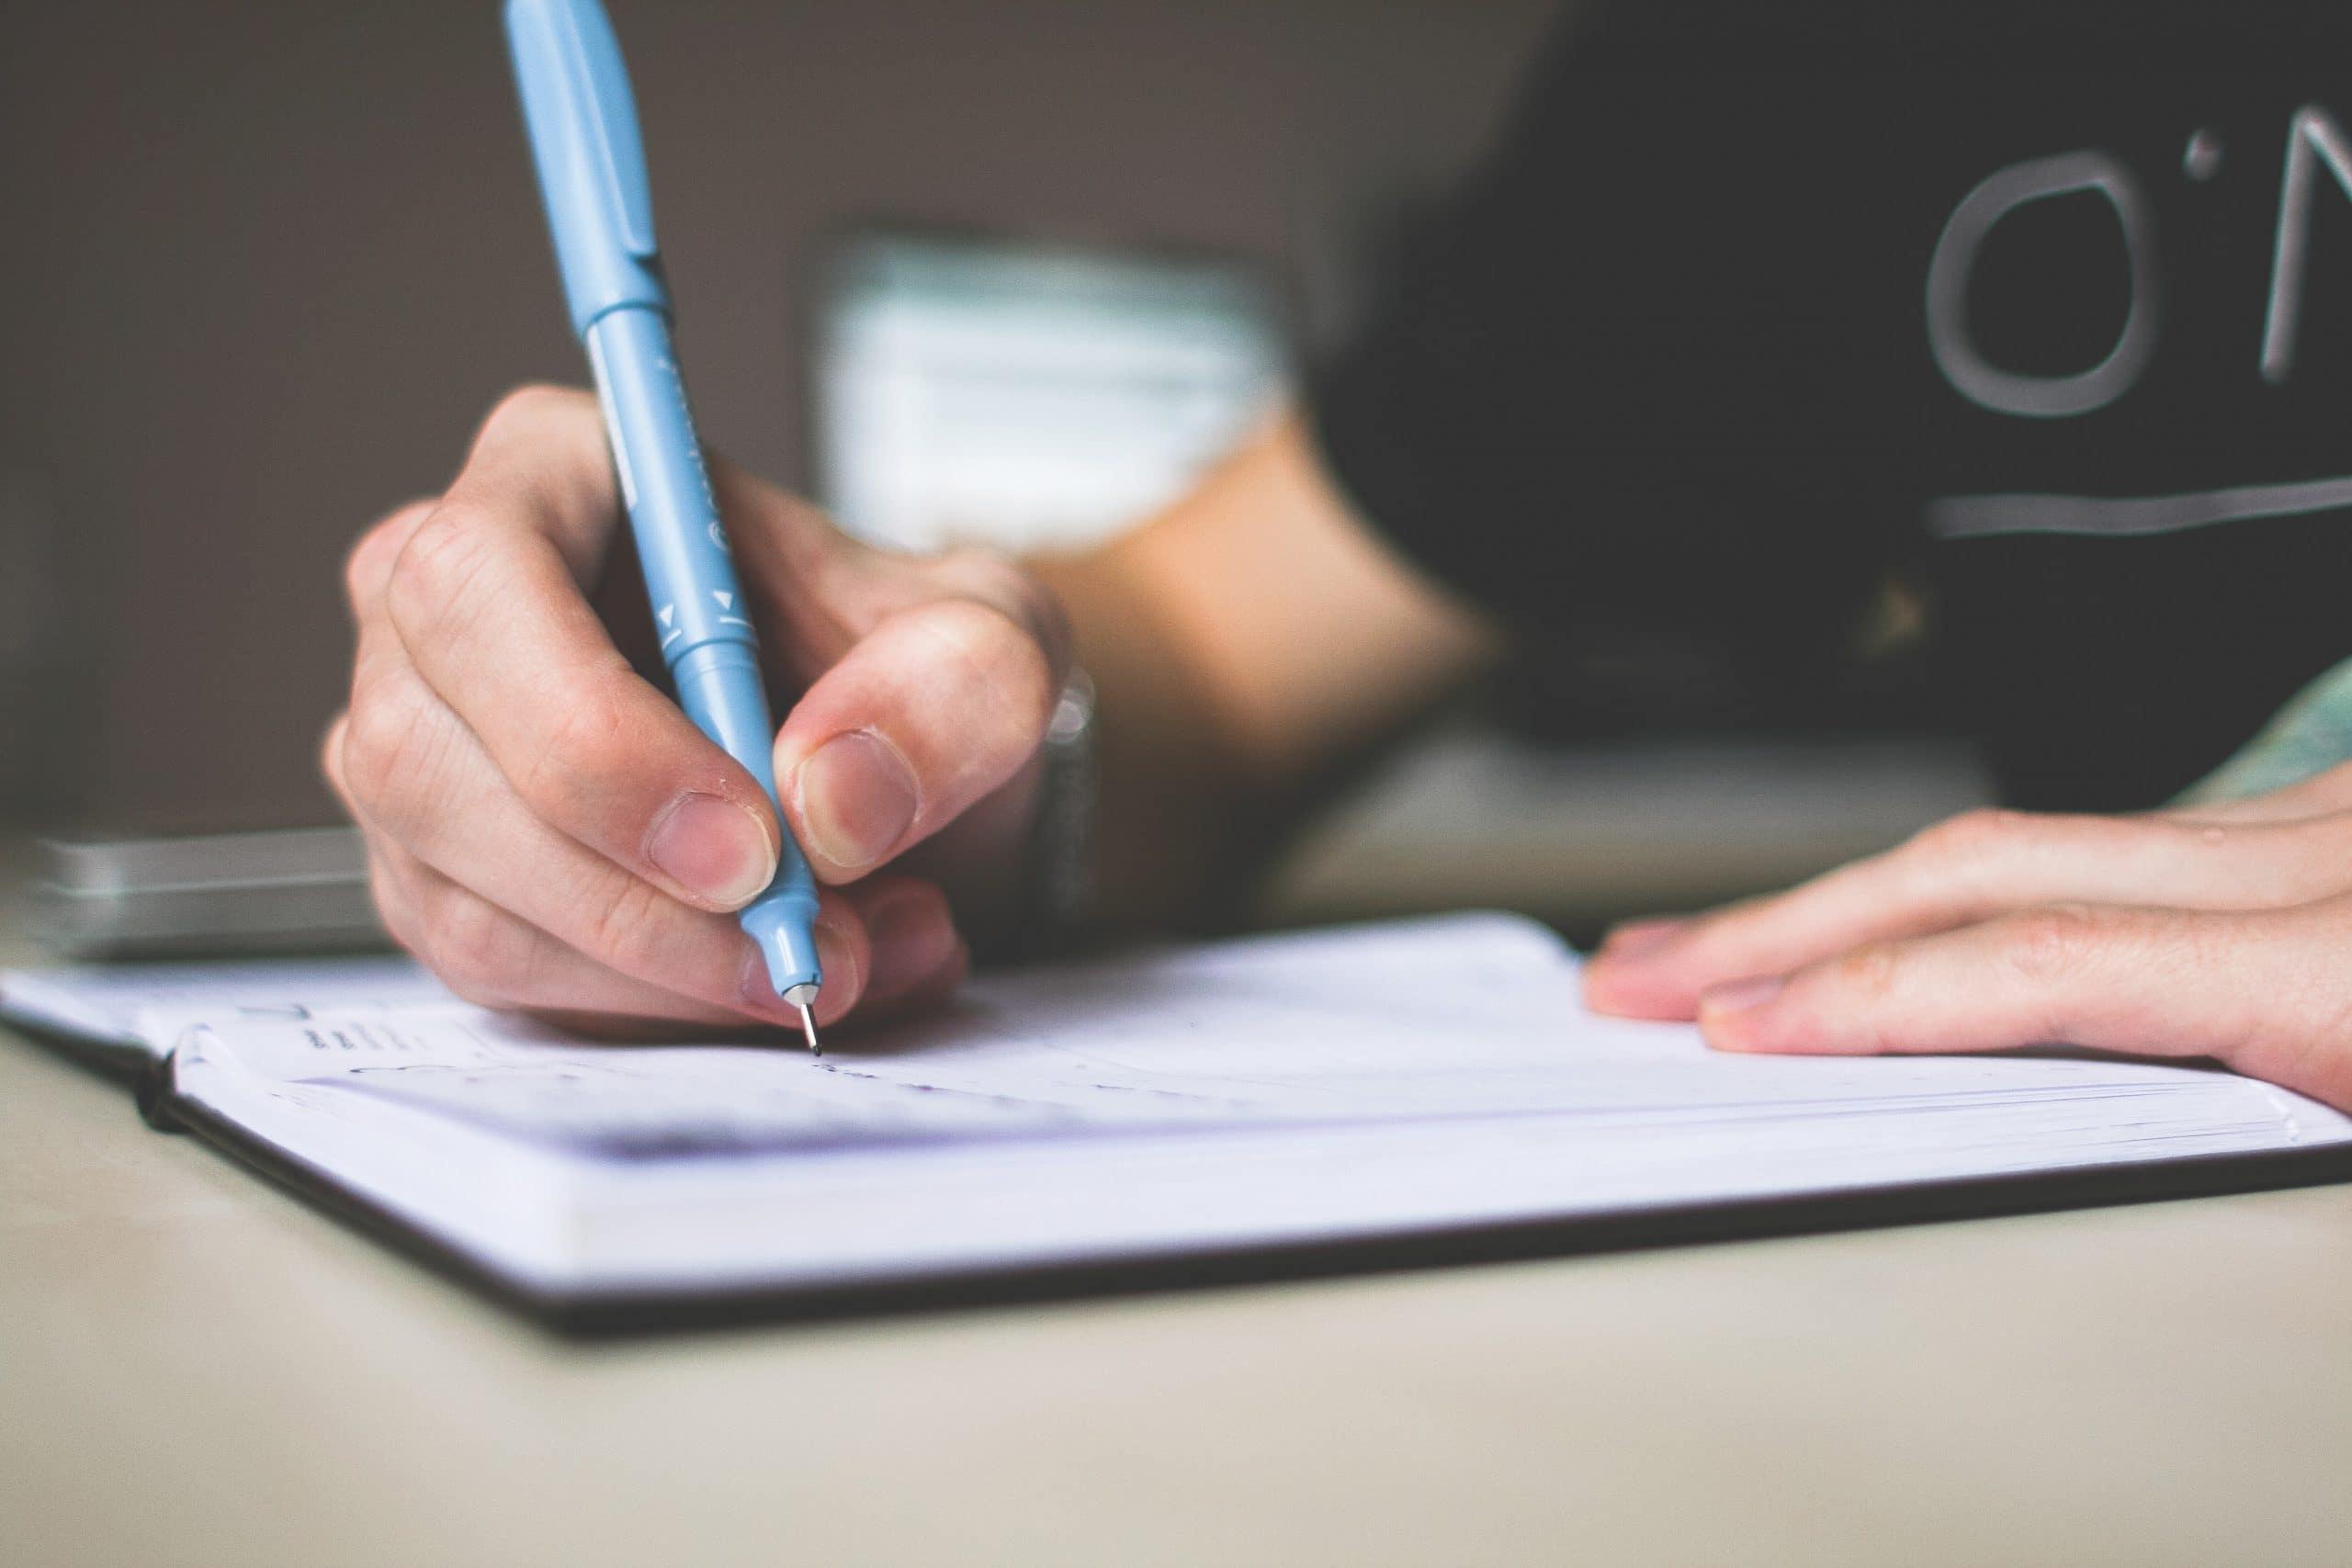 Mão escrevendo em caderno